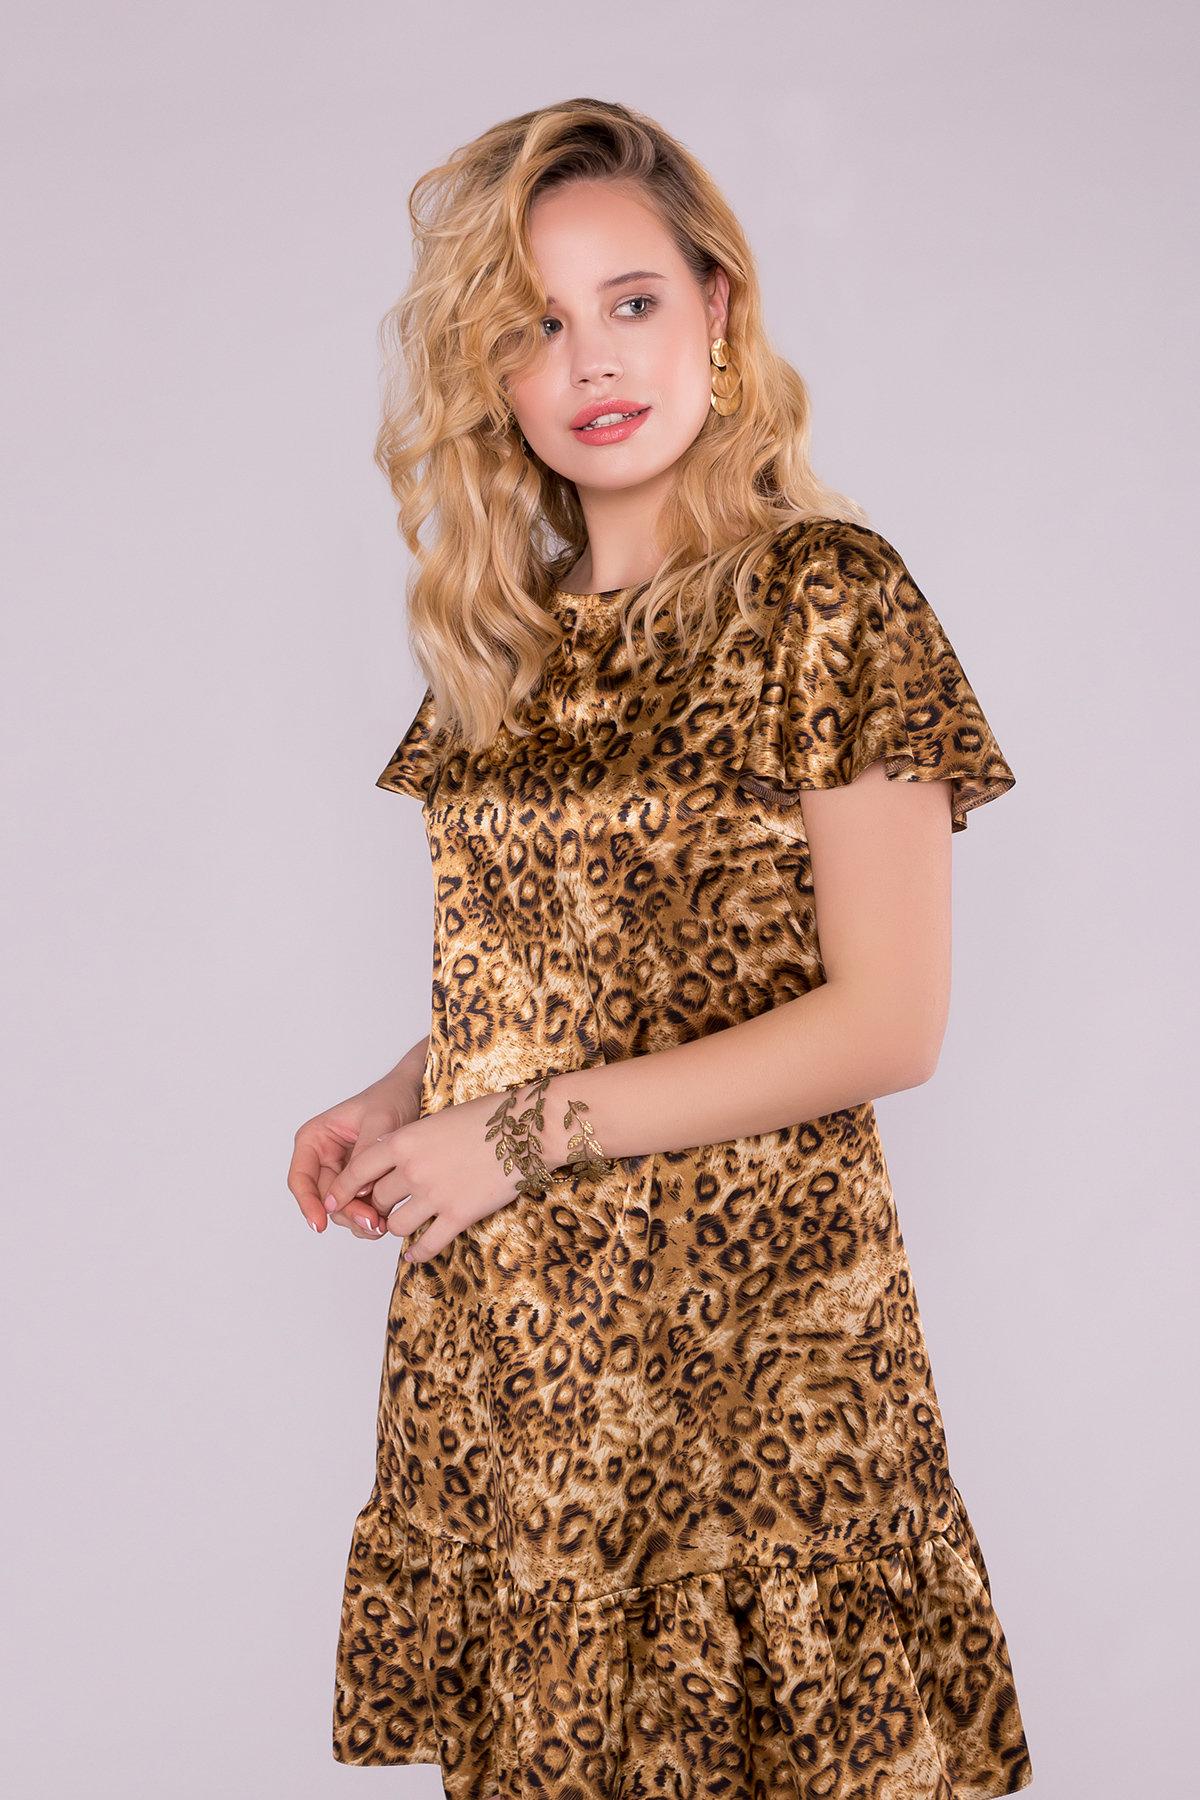 Платье Патрисия 6986 АРТ. 42518 Цвет: Леопард коричнев. - фото 3, интернет магазин tm-modus.ru